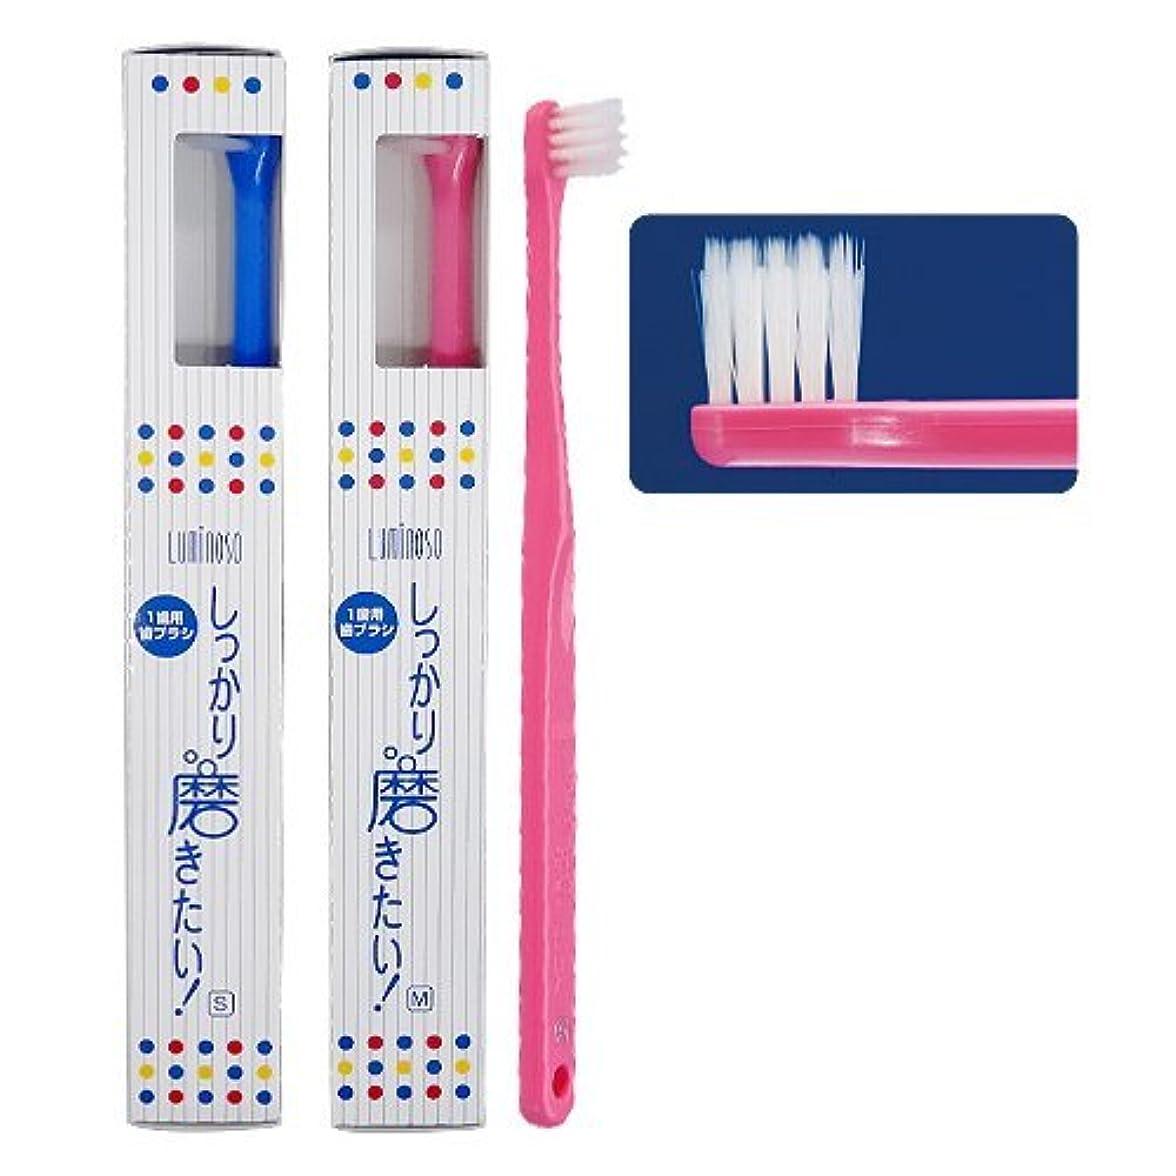 近所のアリ元に戻すルミノソ 1歯用歯ブラシ「しっかり磨きたい!」スタンダード ソフト (カラー指定不可) 5本